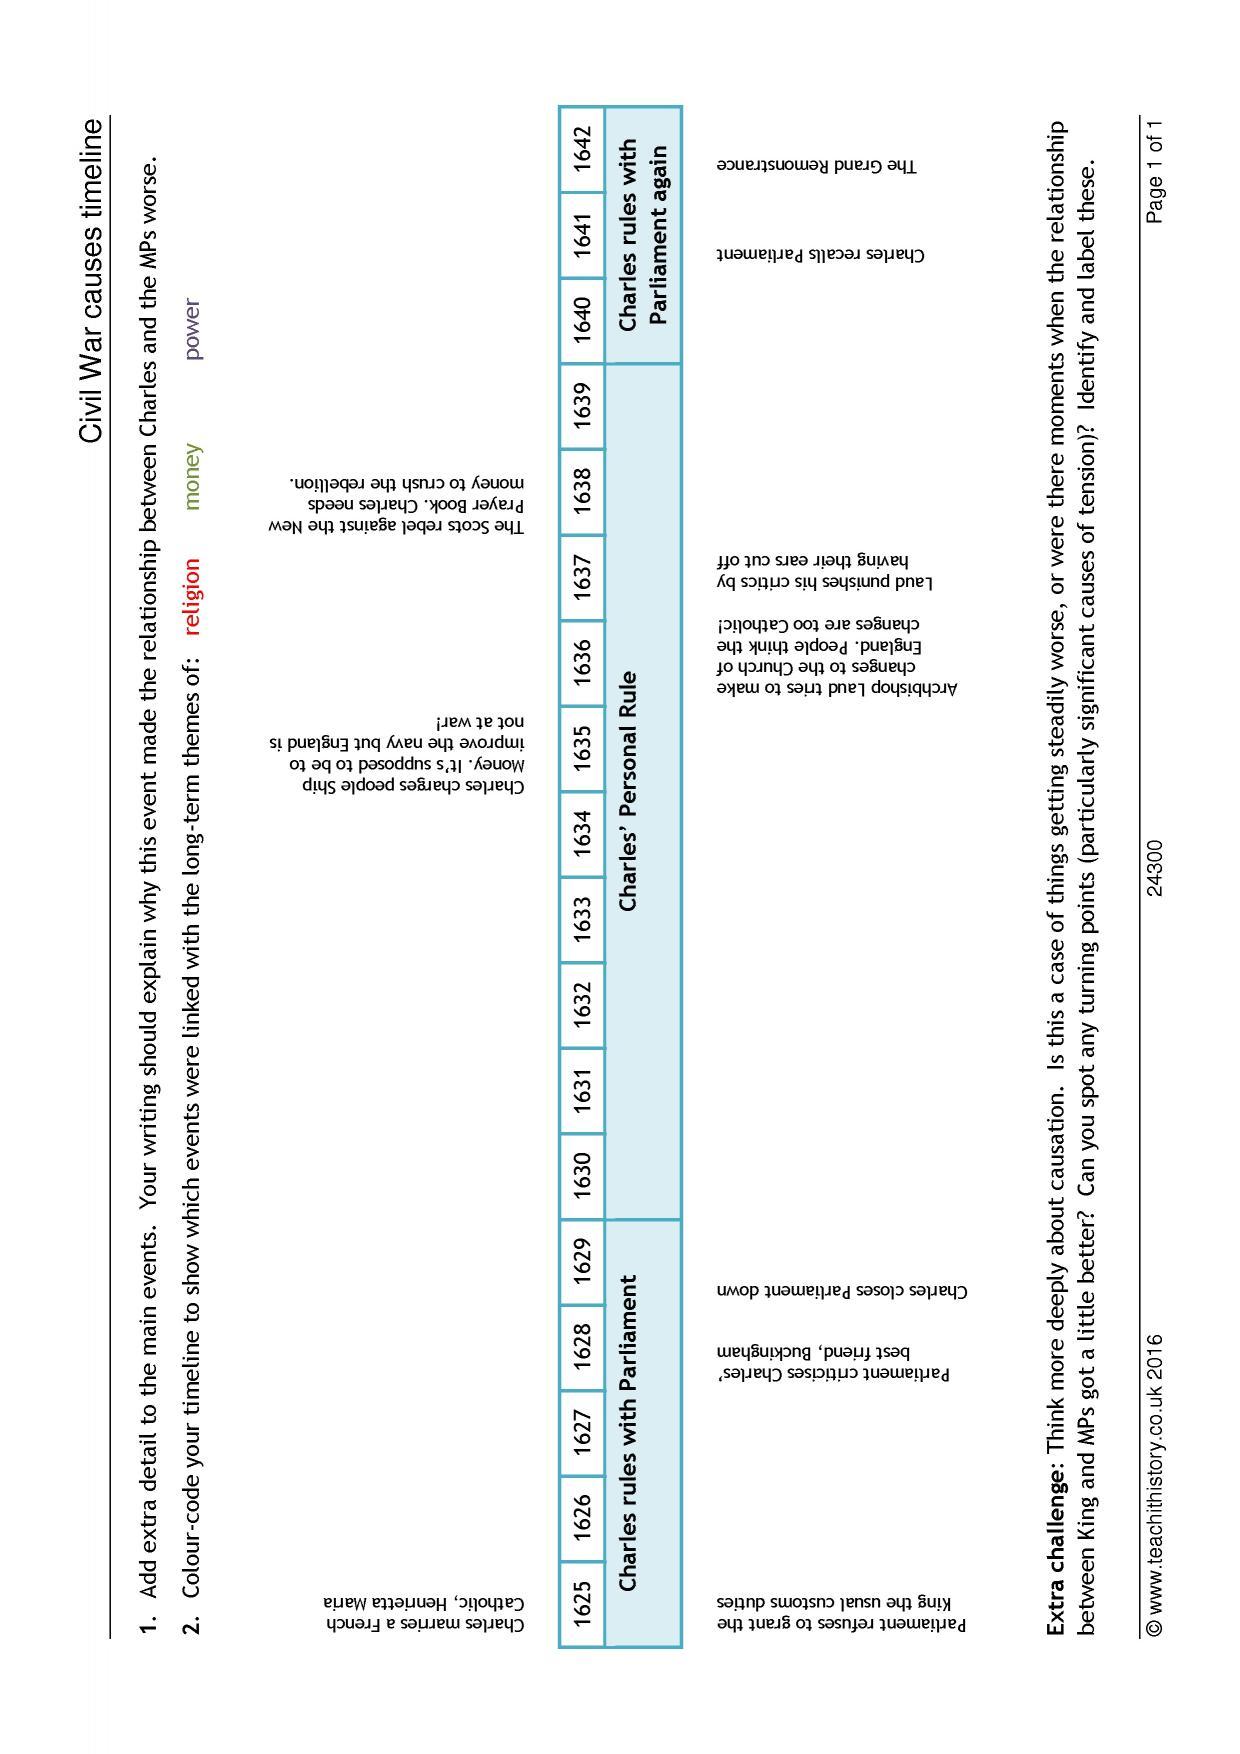 Worksheets Civil War Timeline Worksheet civil war timeline worksheet sharebrowse delibertad